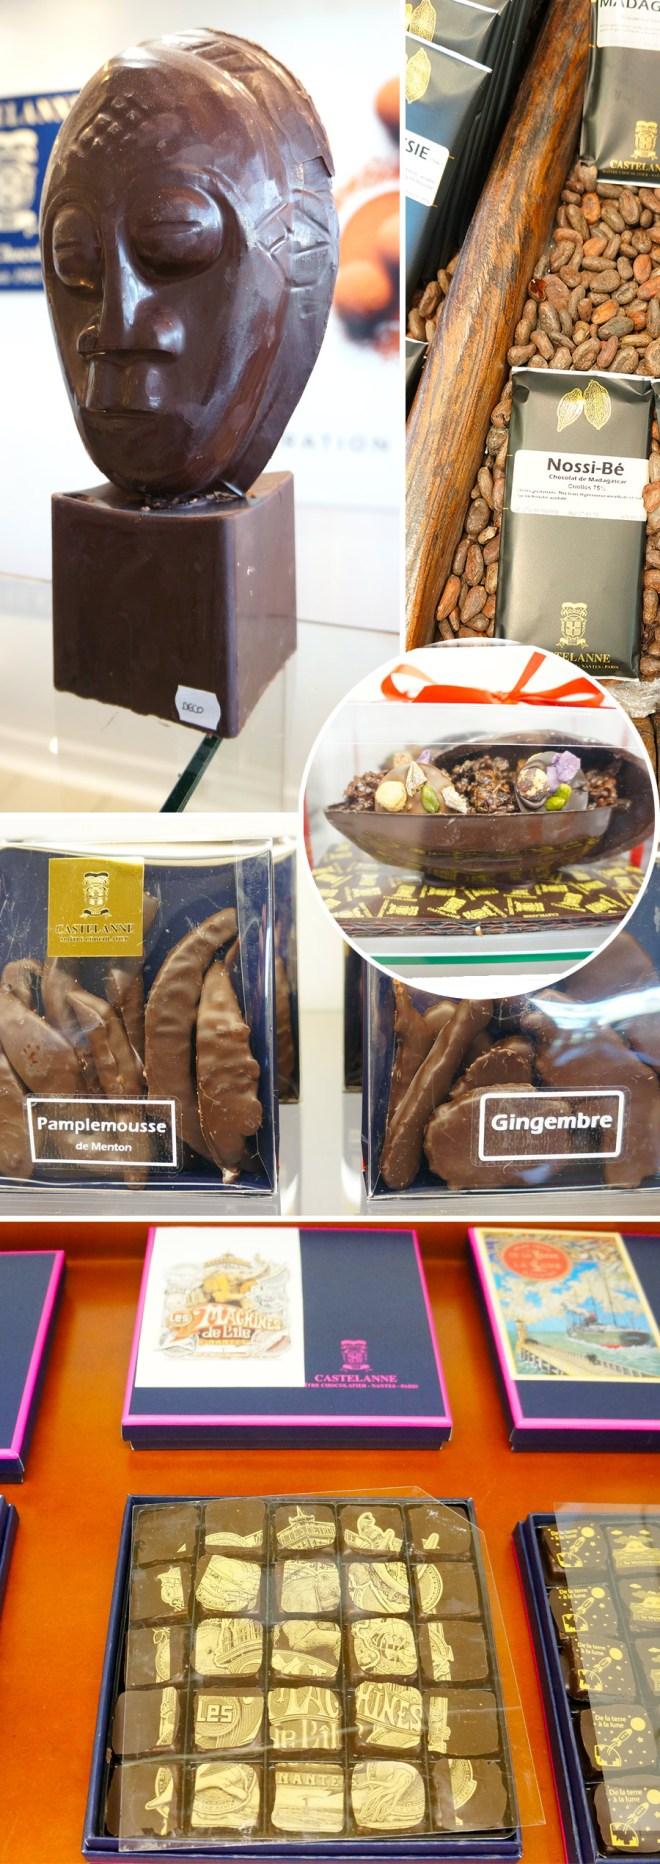 Moulures en chocolat, coffrets cadeau et autres spécialités de chez Castelanne